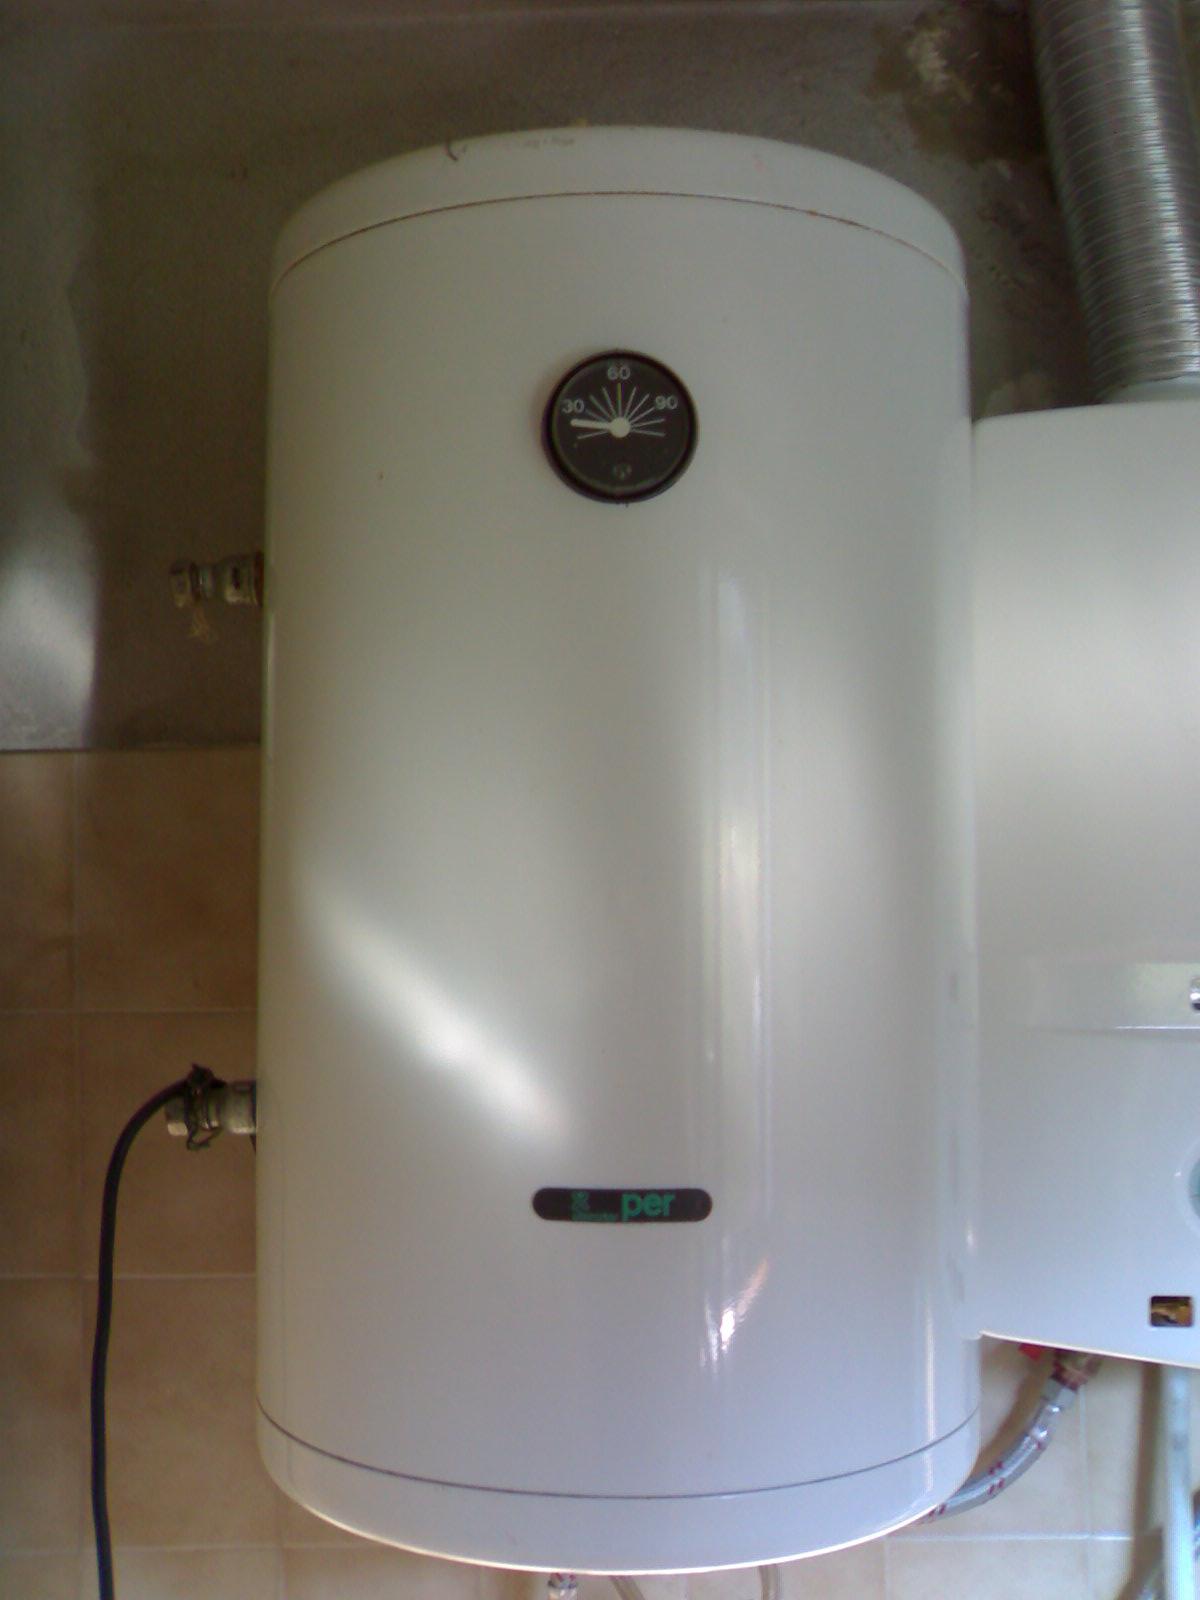 Pannello Solare Boiler Integrato : Parere su come collegare pannello solare al boiler pagina